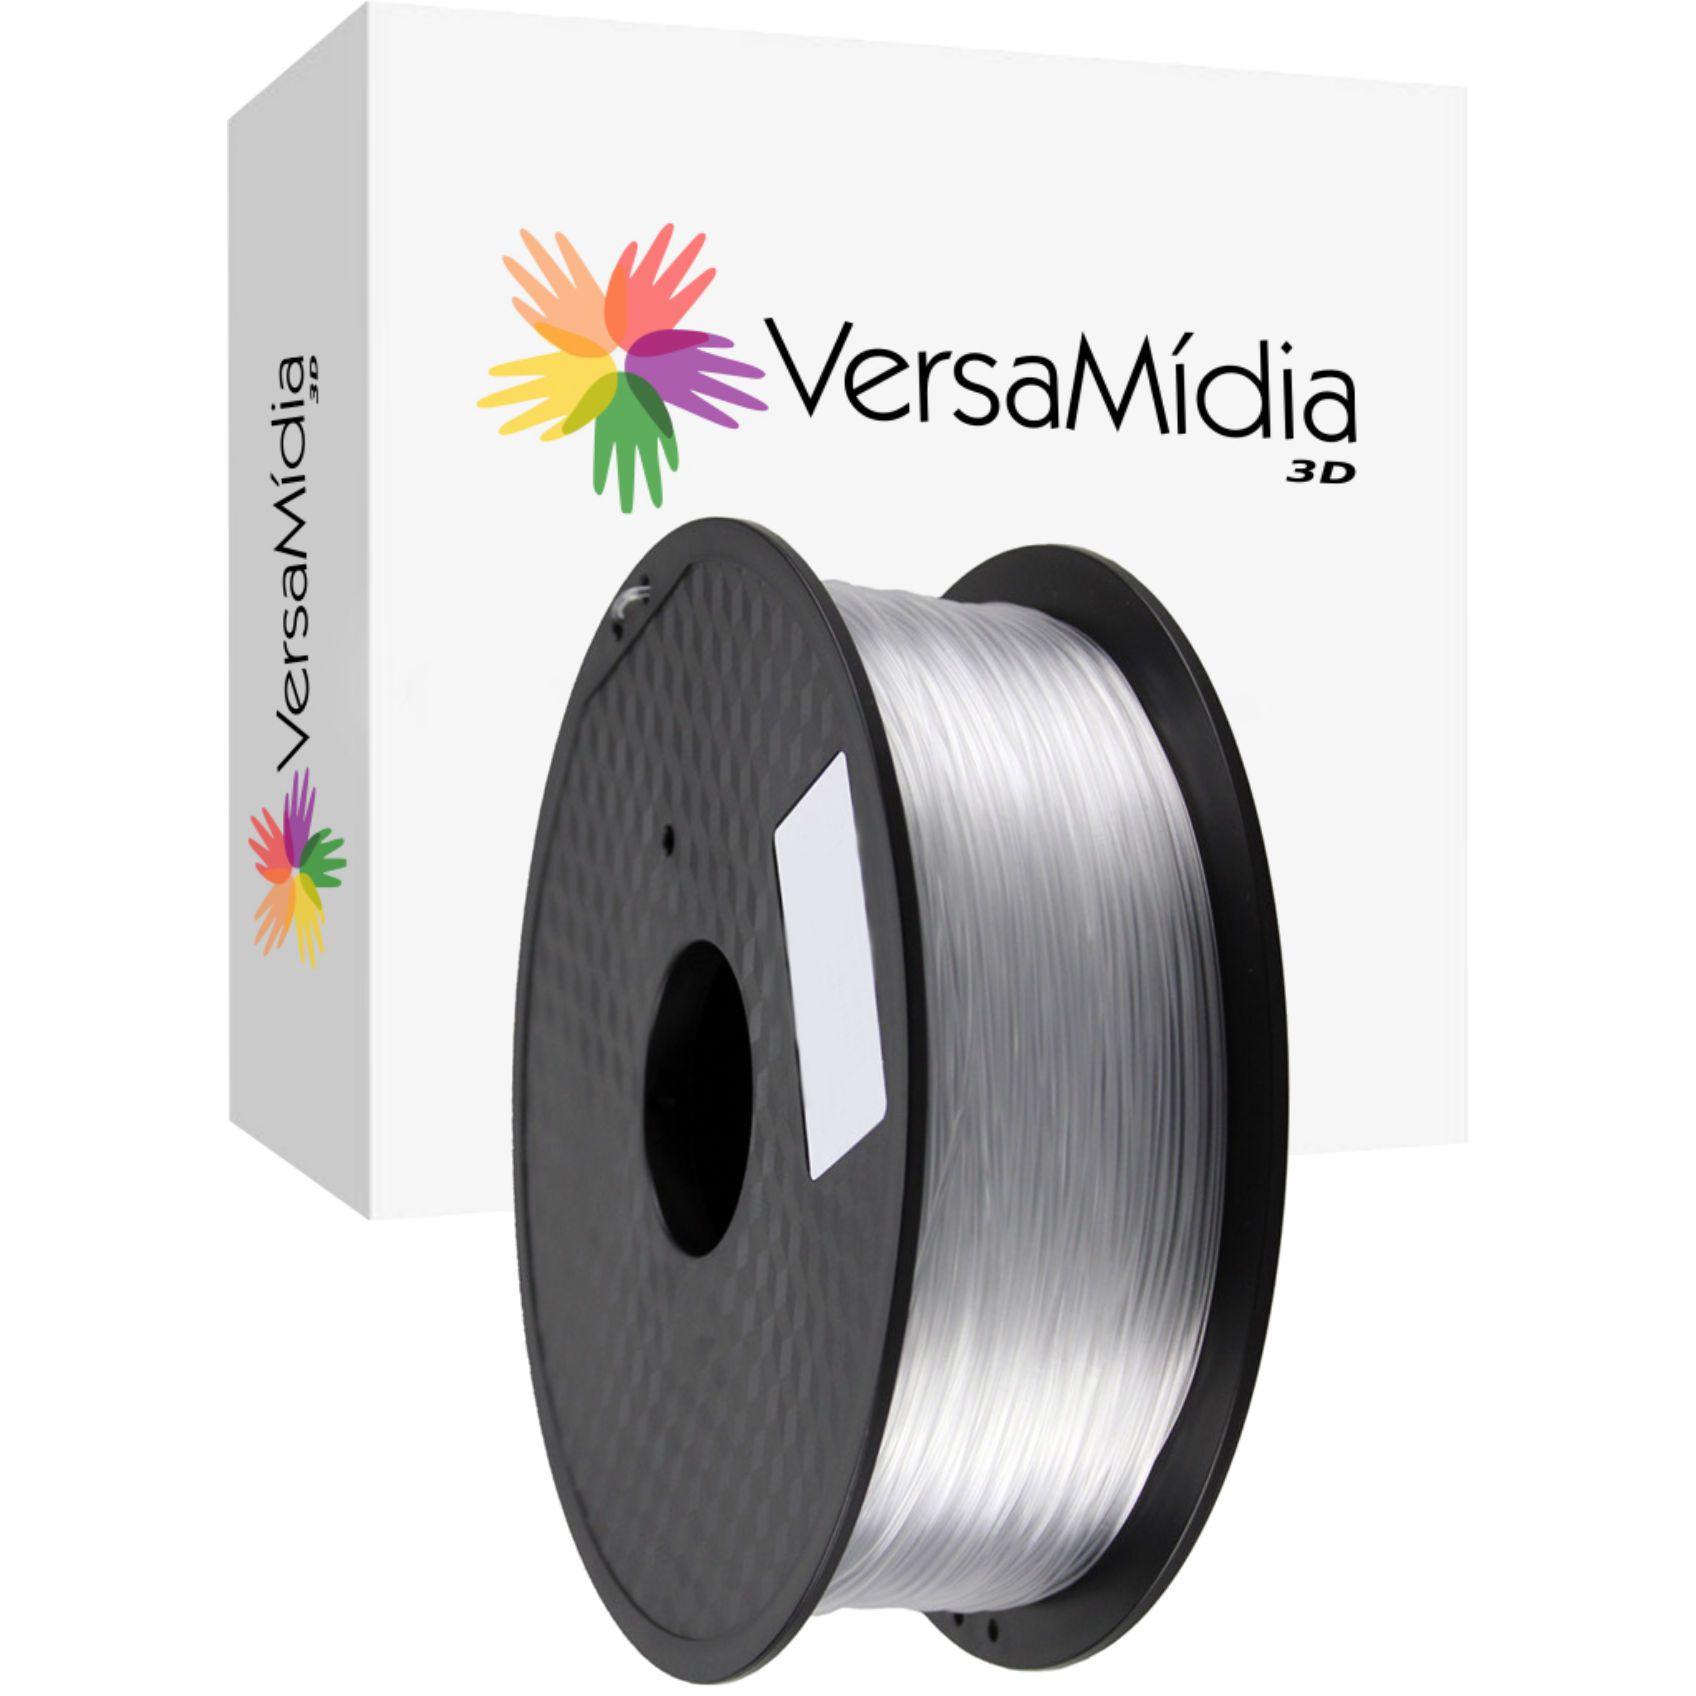 Filamento PETG Transparente Natural  1.75mm 1Kg Bobina Black Spool  Impressão 3D - 11522